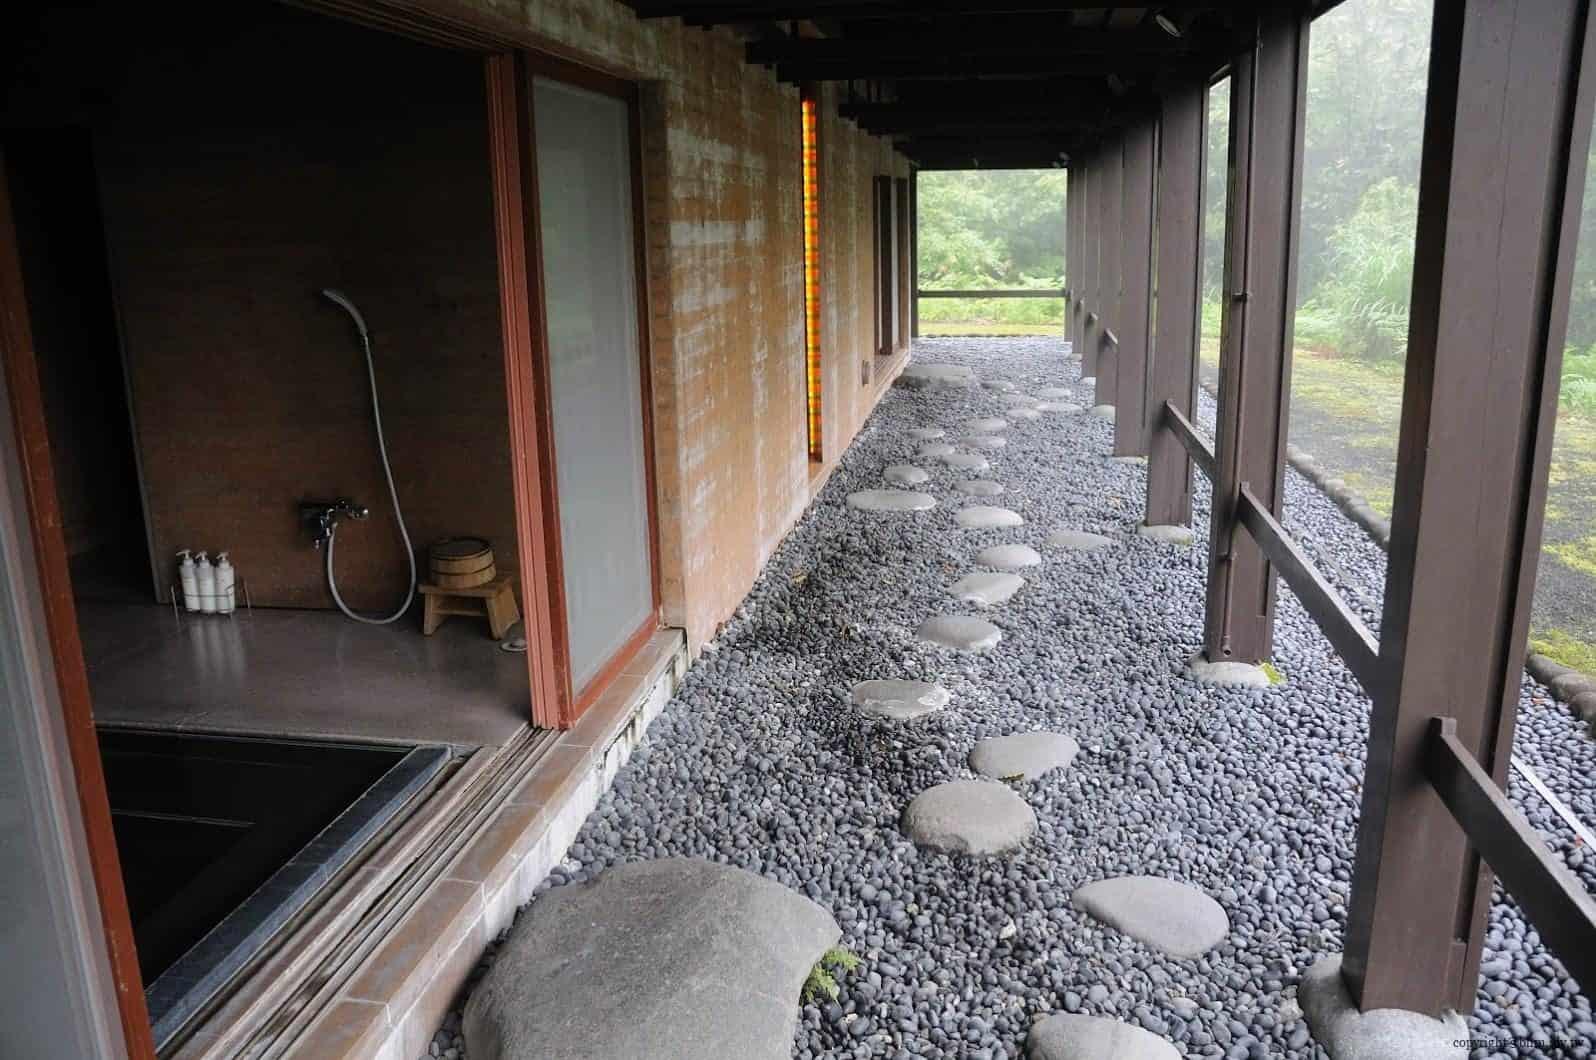 詹姆斯‧特瑞爾,光之館,作品「Light Bath」,浴缸和出入口的各個地方都可以看到光線,泡澡時可以和這夢幻的作品合為一體;限住宿客人體驗 越後妻有 光之館 house of light 03 0x0